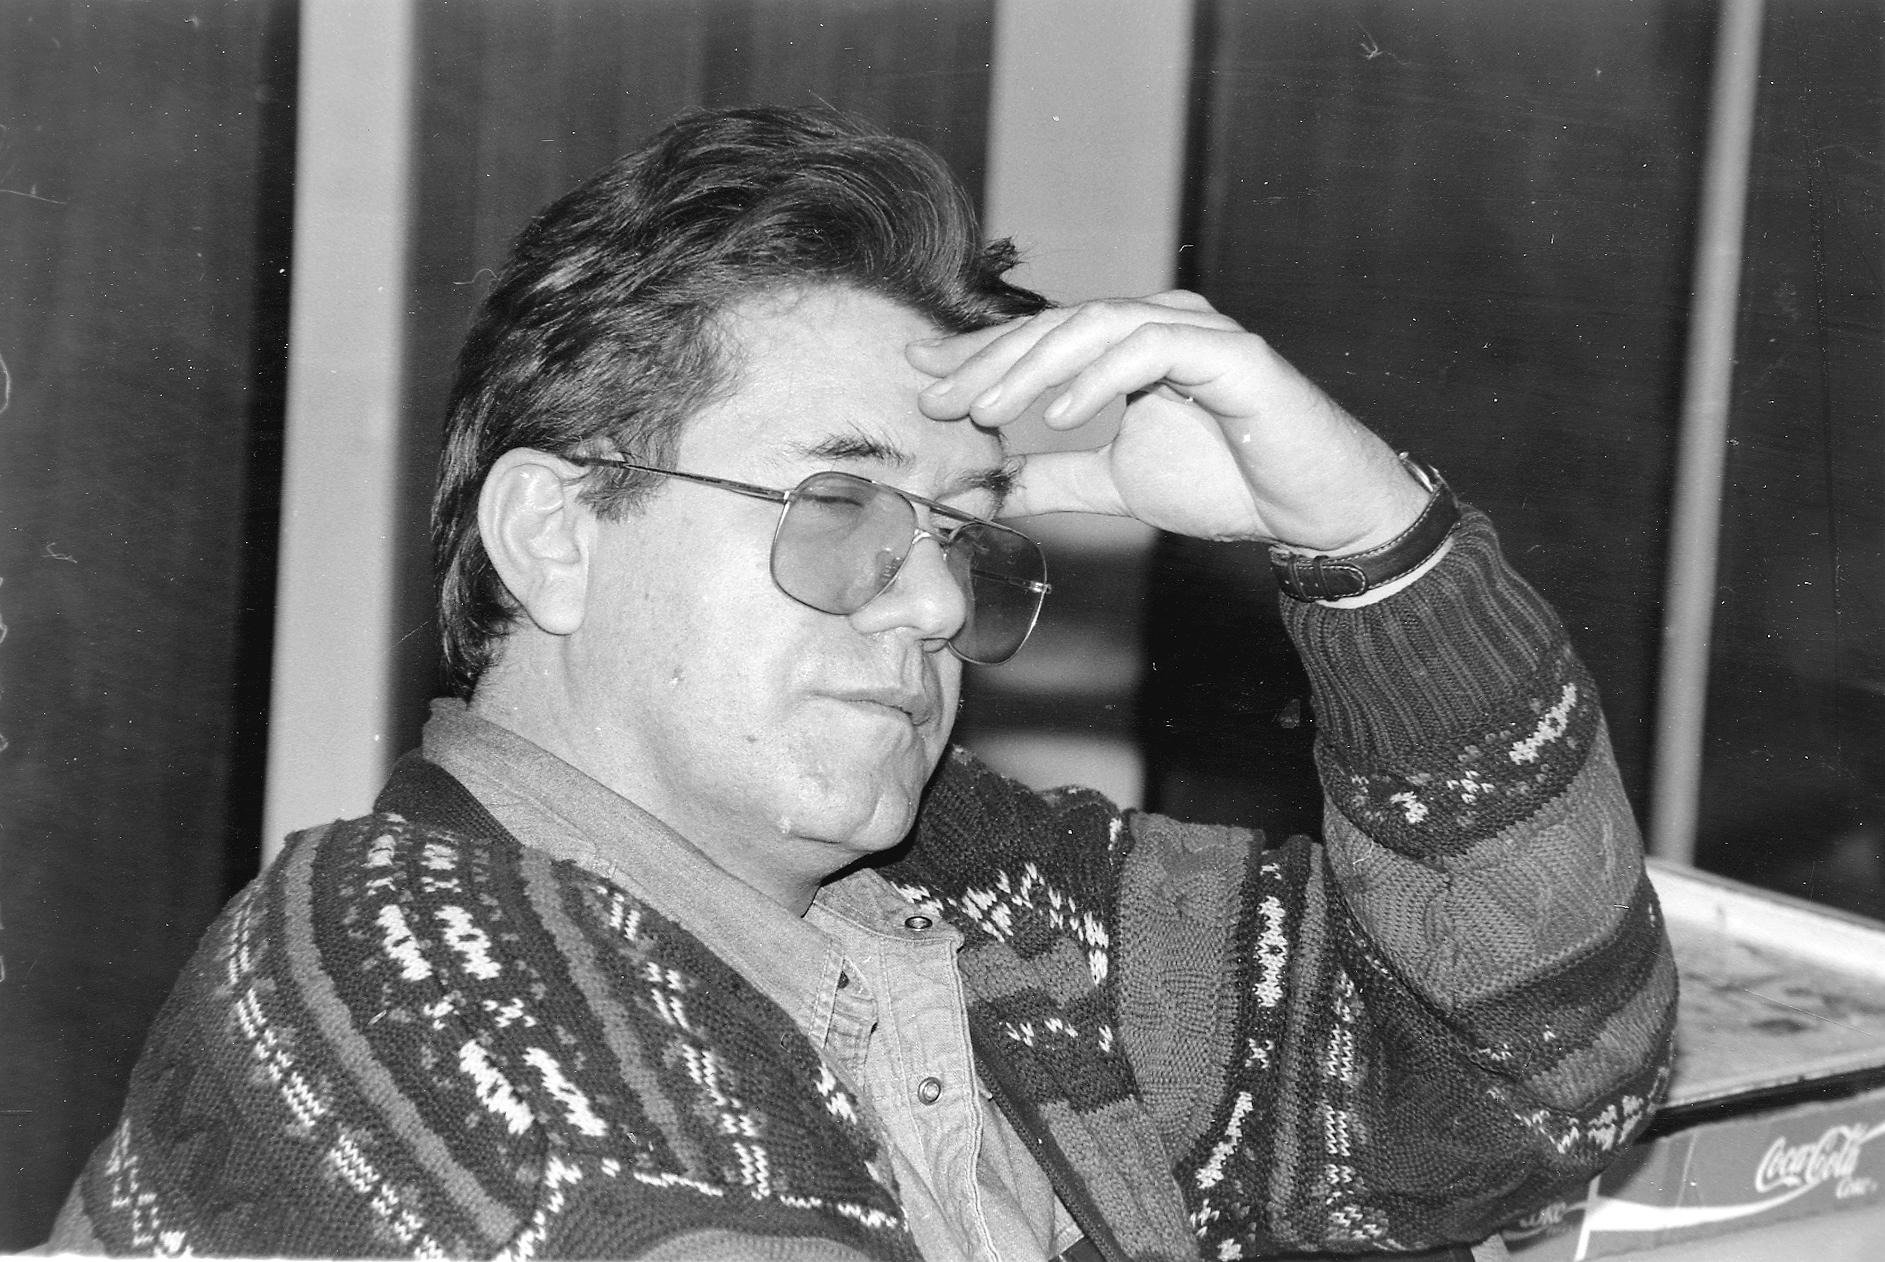 Novolistovski legendarni urednik Veljko Vičević danas bi imao 64 godine / NL Arhiva